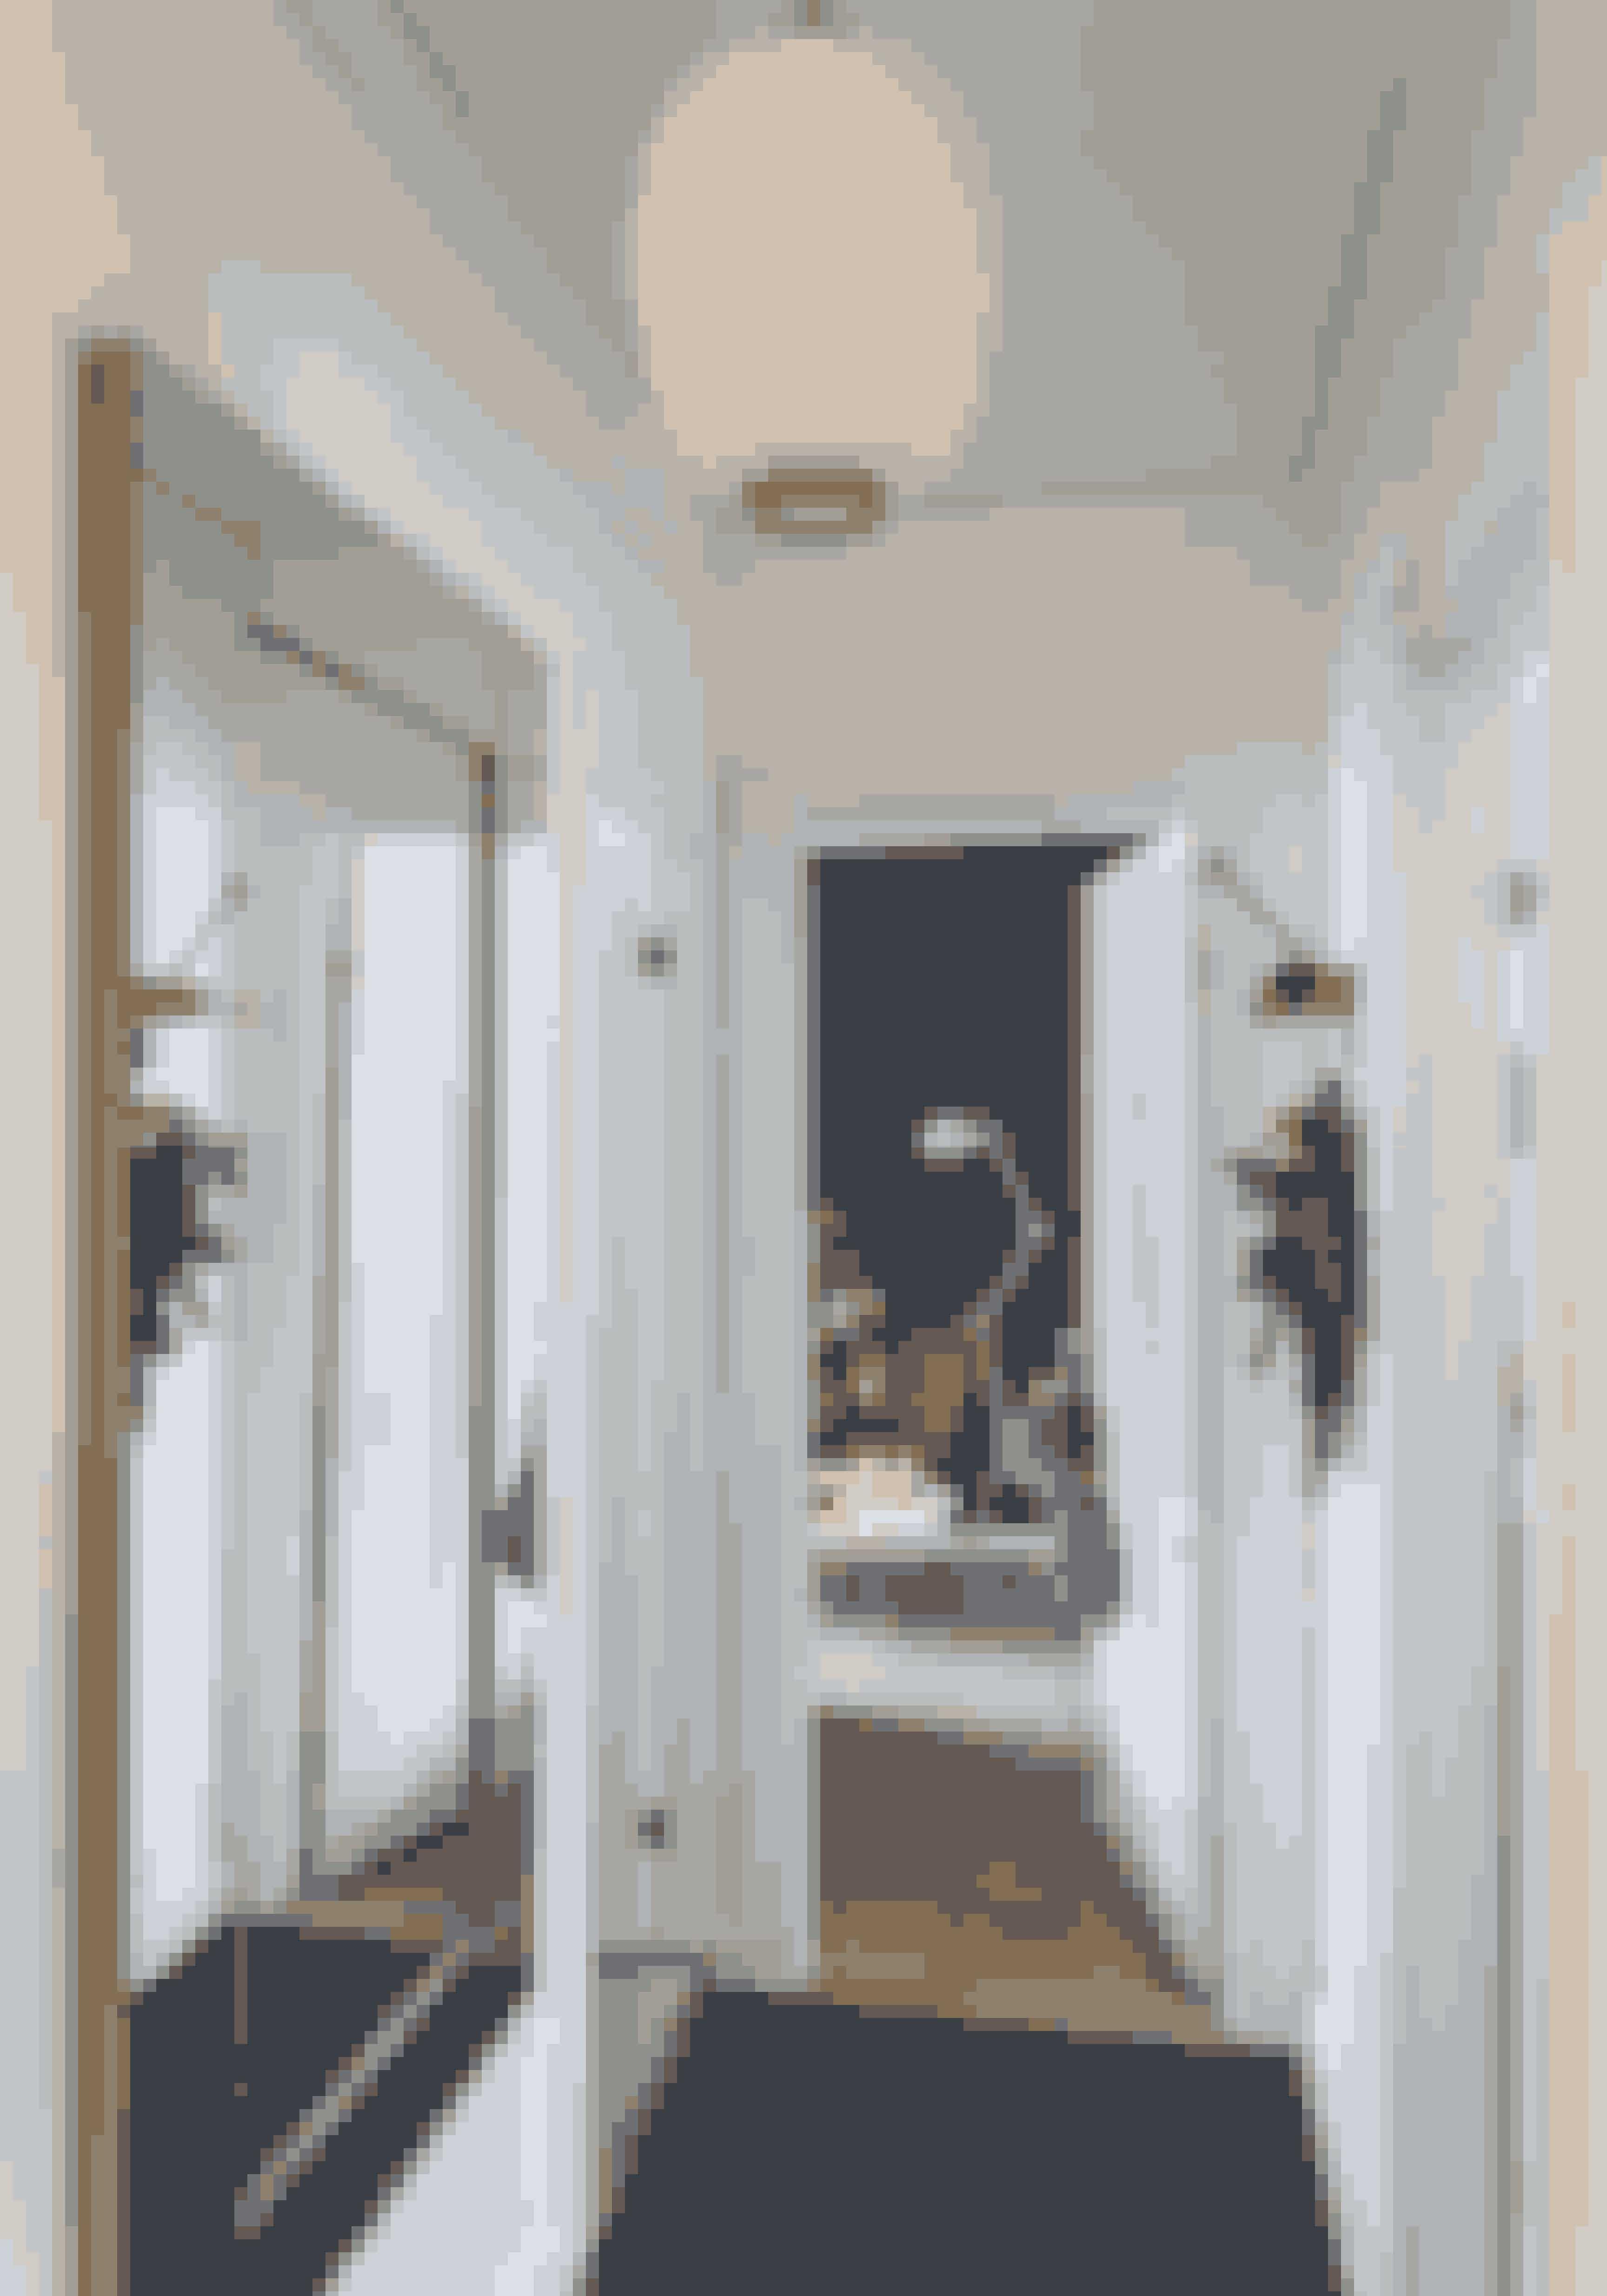 Brug knagerækken og dørhåndtaget som dekorationsophæng. Det er julet uden at virke proppet. Knagerækken er fra Gubi, og loftlampen er en Radiohuspendel, der forhandles hos Louis Poulsen.